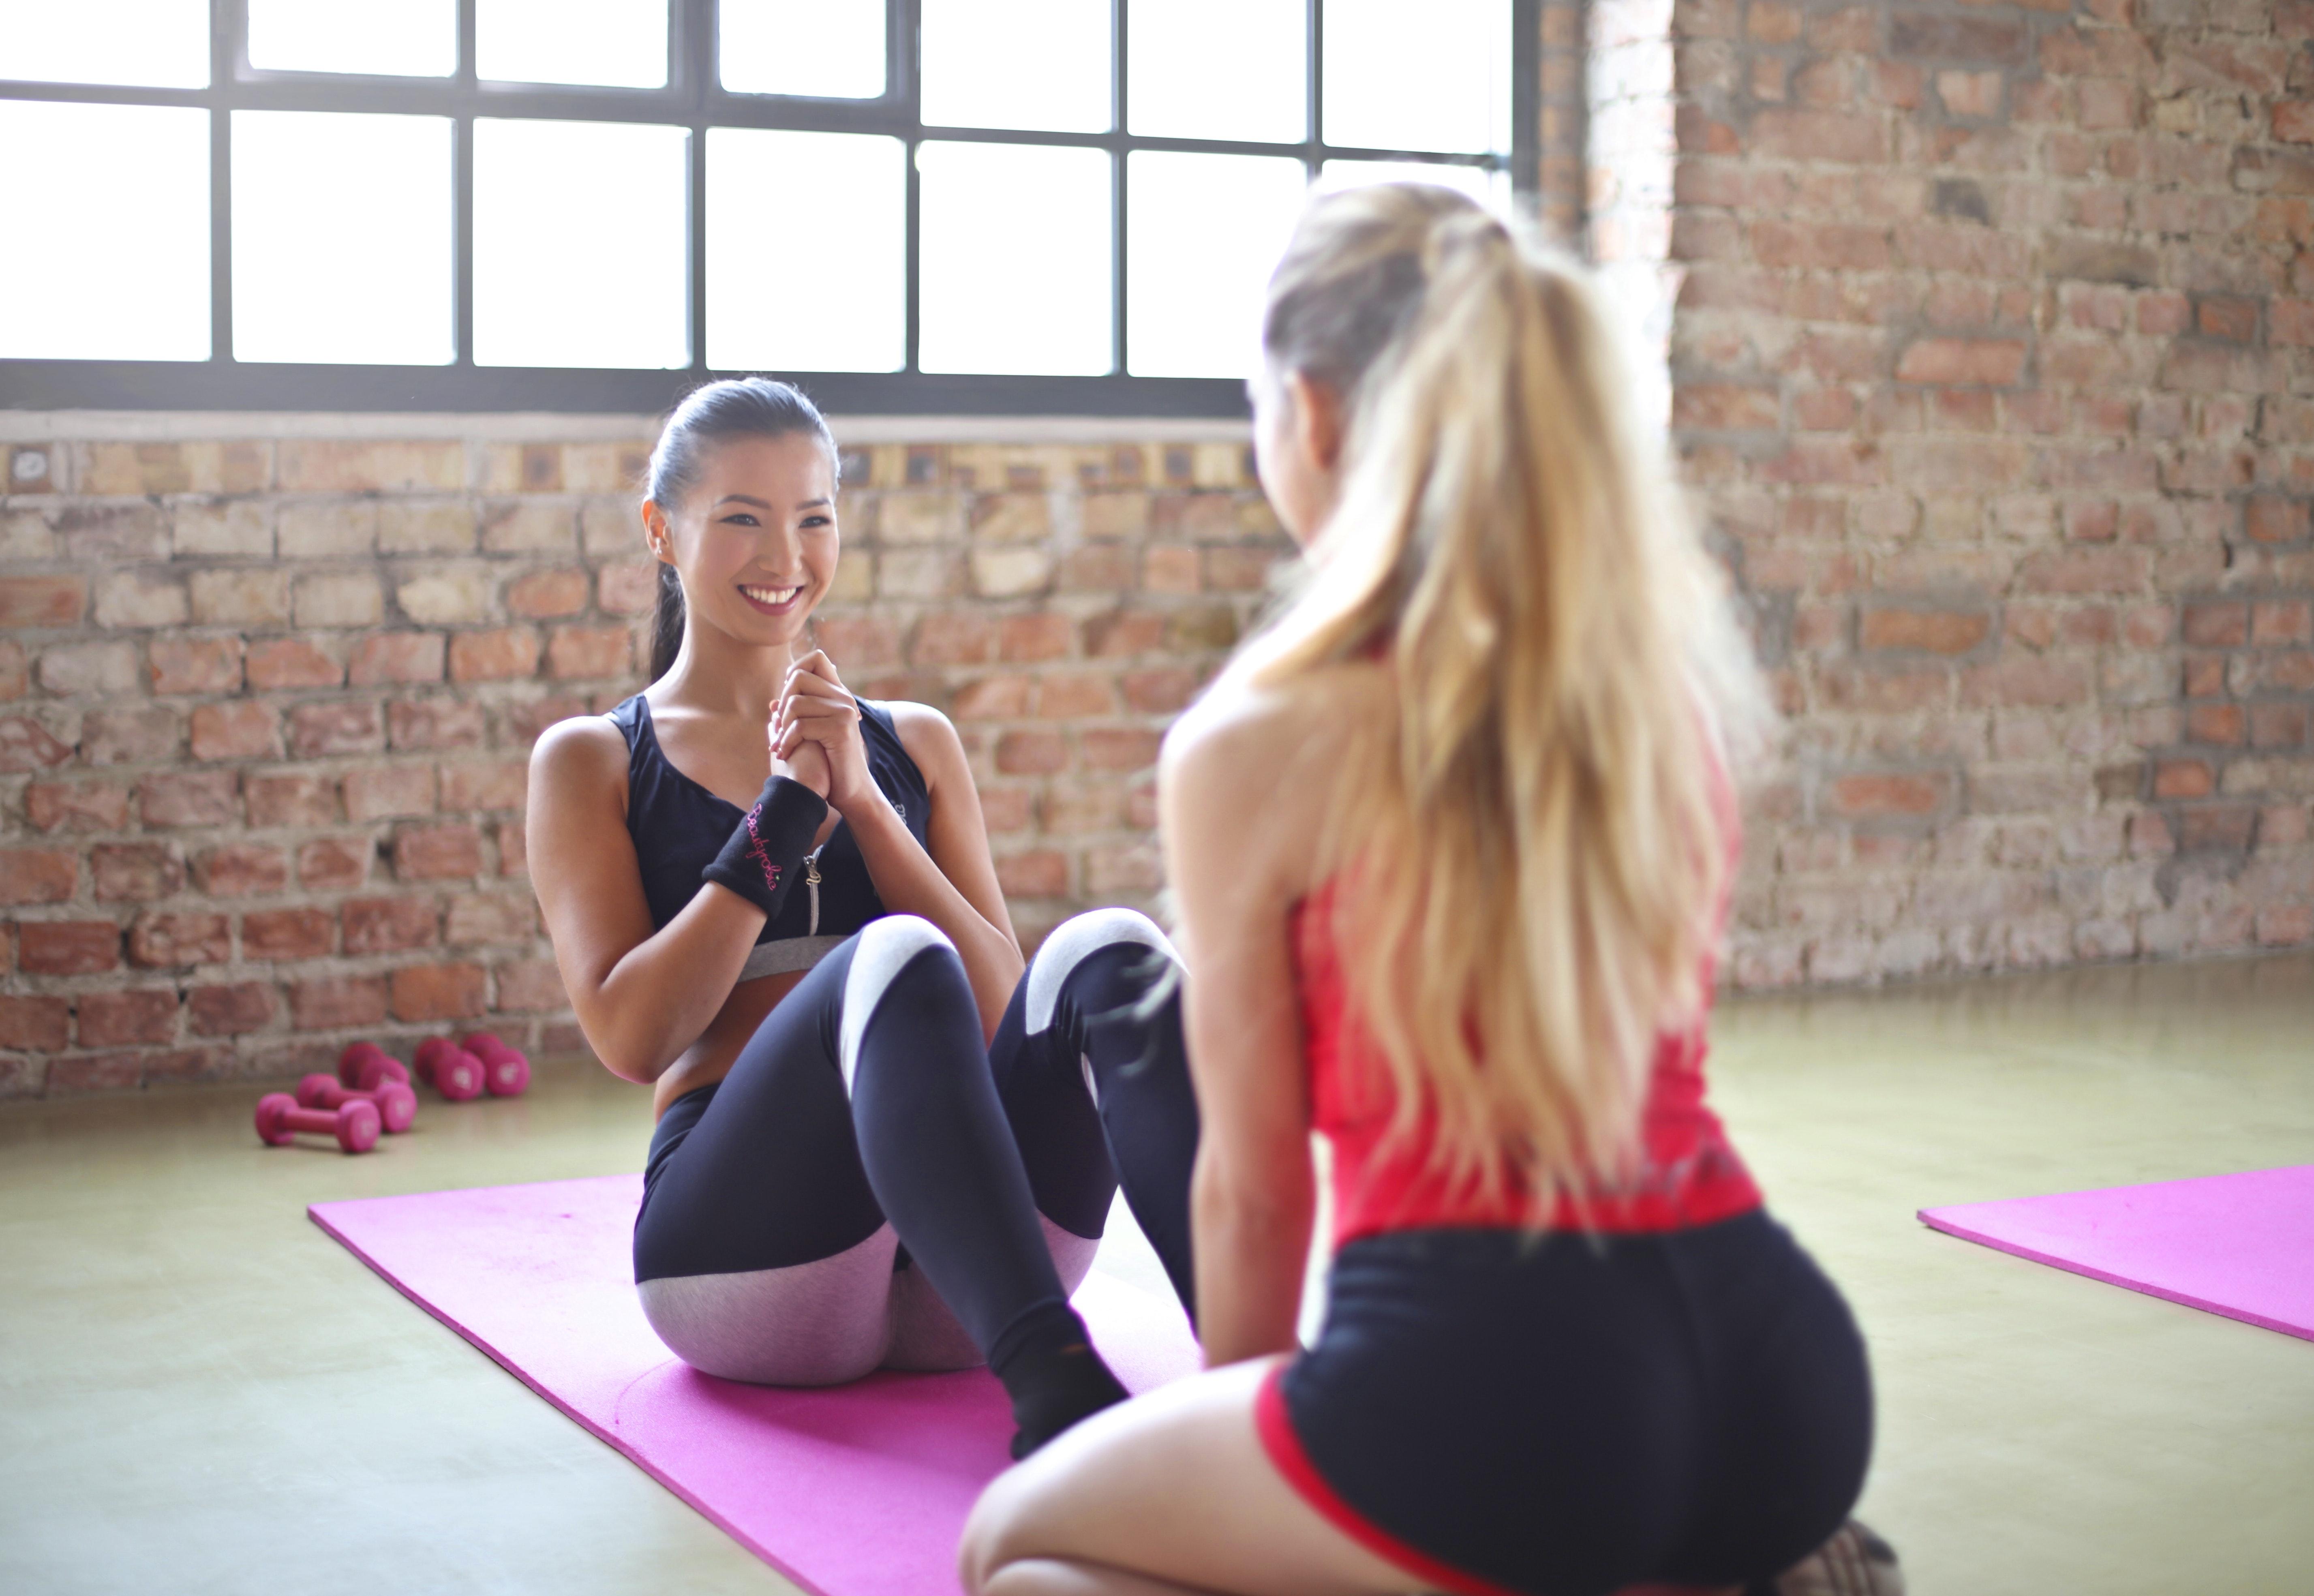 Två kvinnor tränar tillsammans